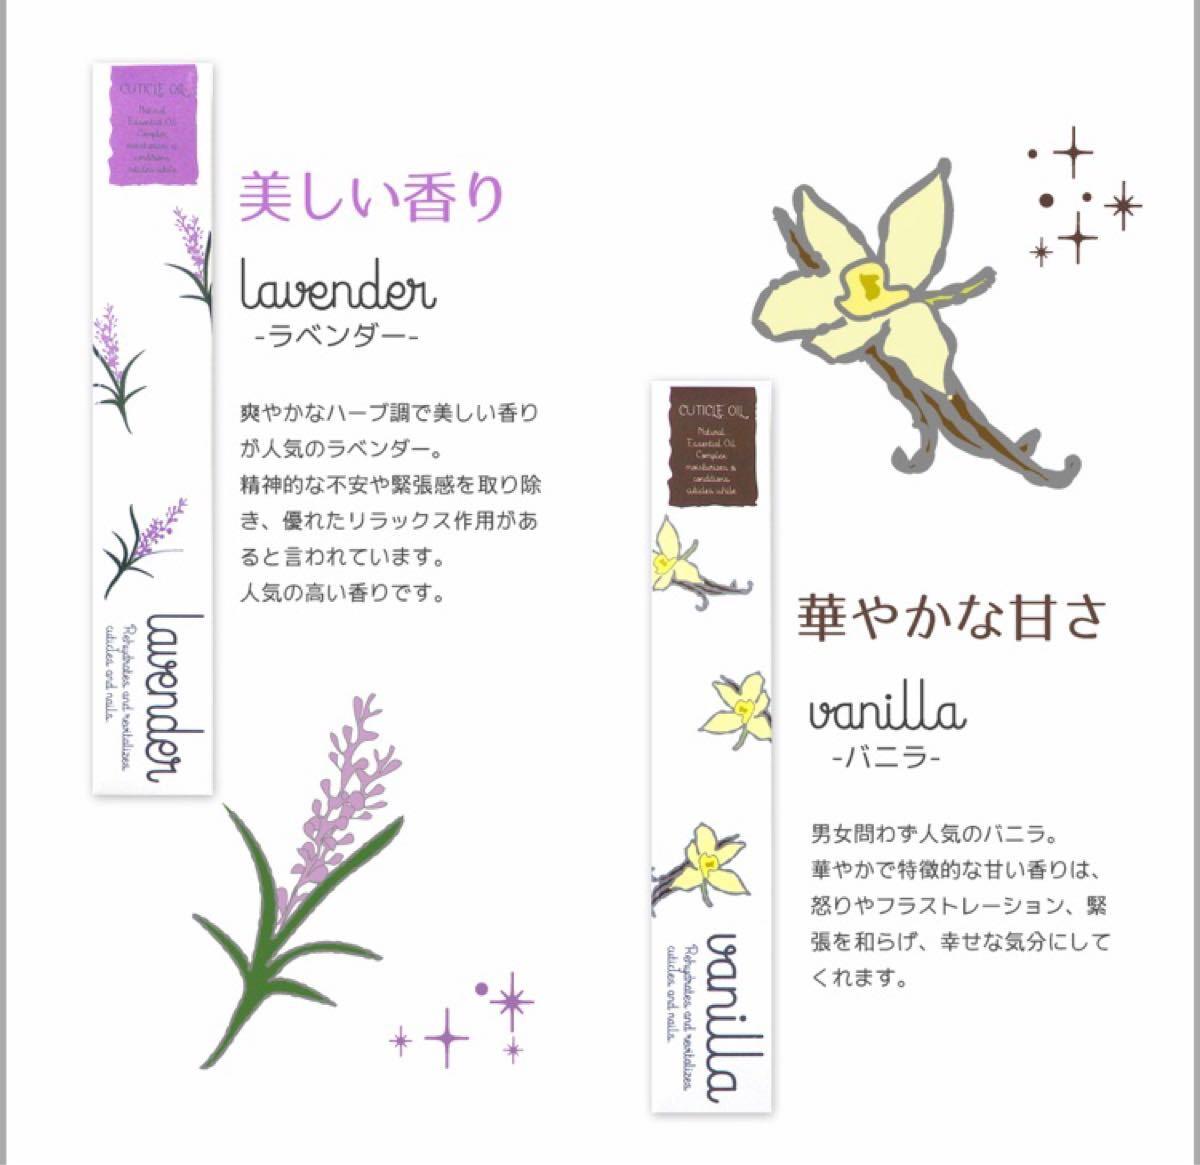 ネイルオイル 2本 キューティクルオイル  ネイル 本数、香り変更OK☆